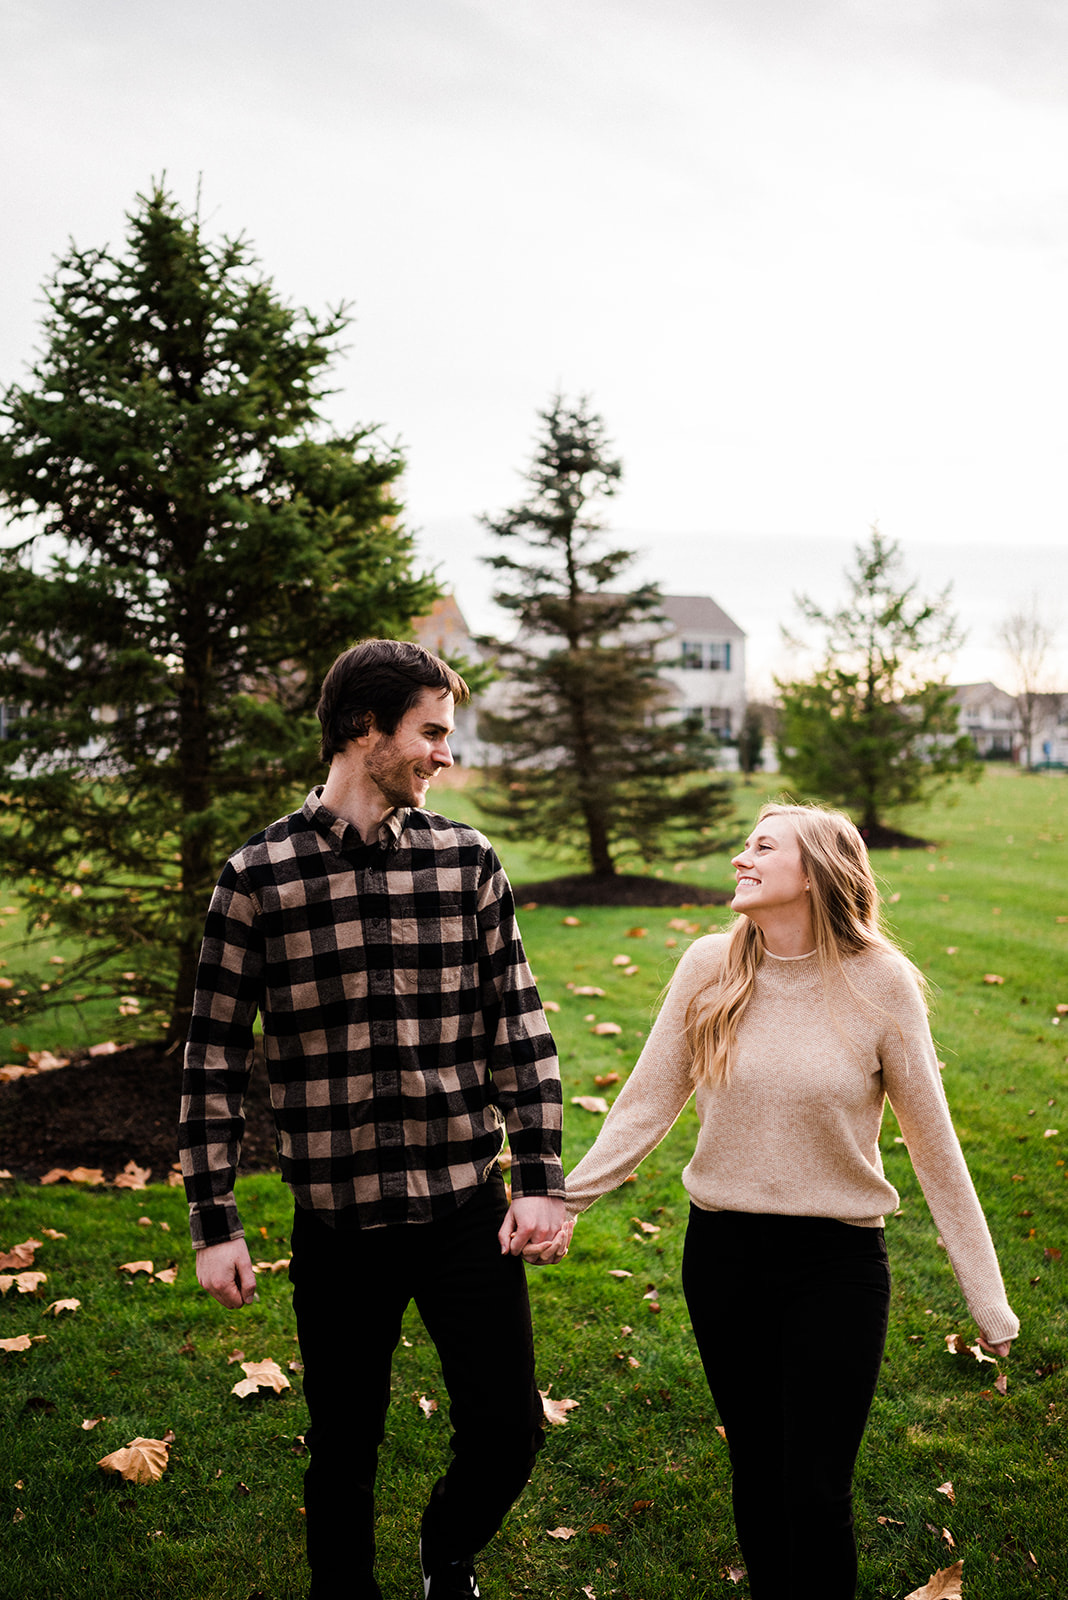 Kyle + Leigh Ann Christmas Photos 2